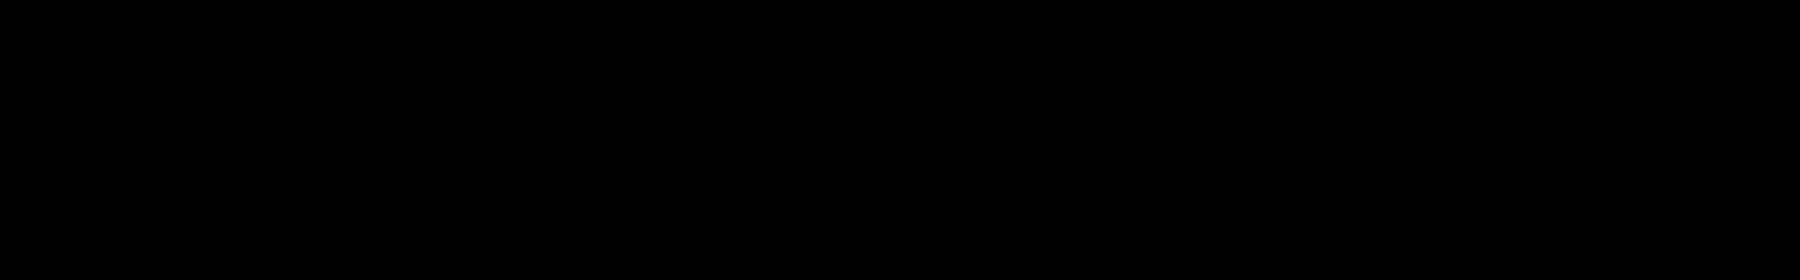 Riemann Tripping Techno 1 audio waveform